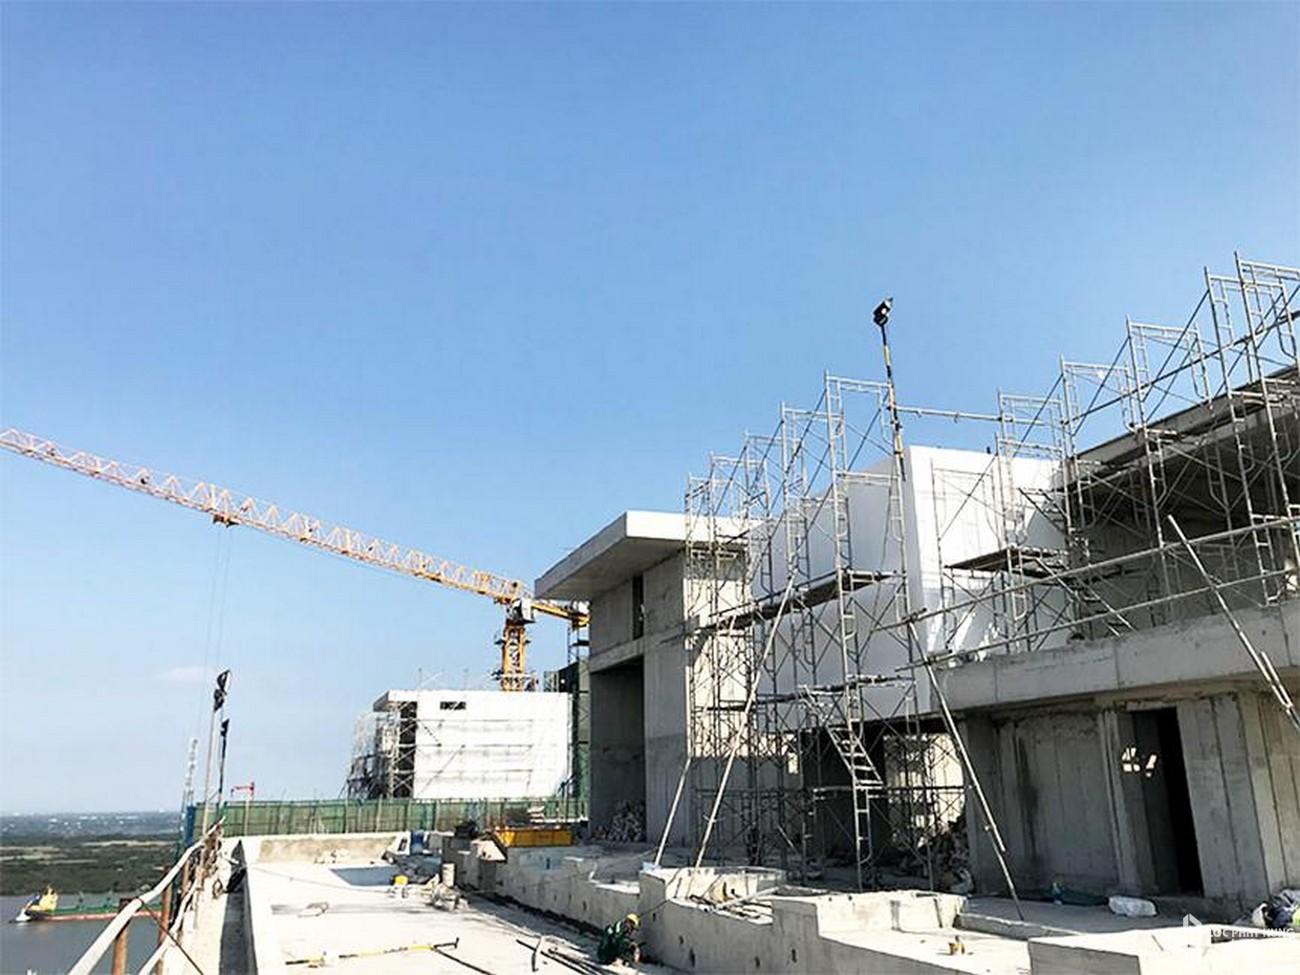 Tiến độ dự án căn hộ chung cư River Panorama Quận 7 Đường Hoàng Quốc Việt chủ đầu tư An Gia Investment 04/2020